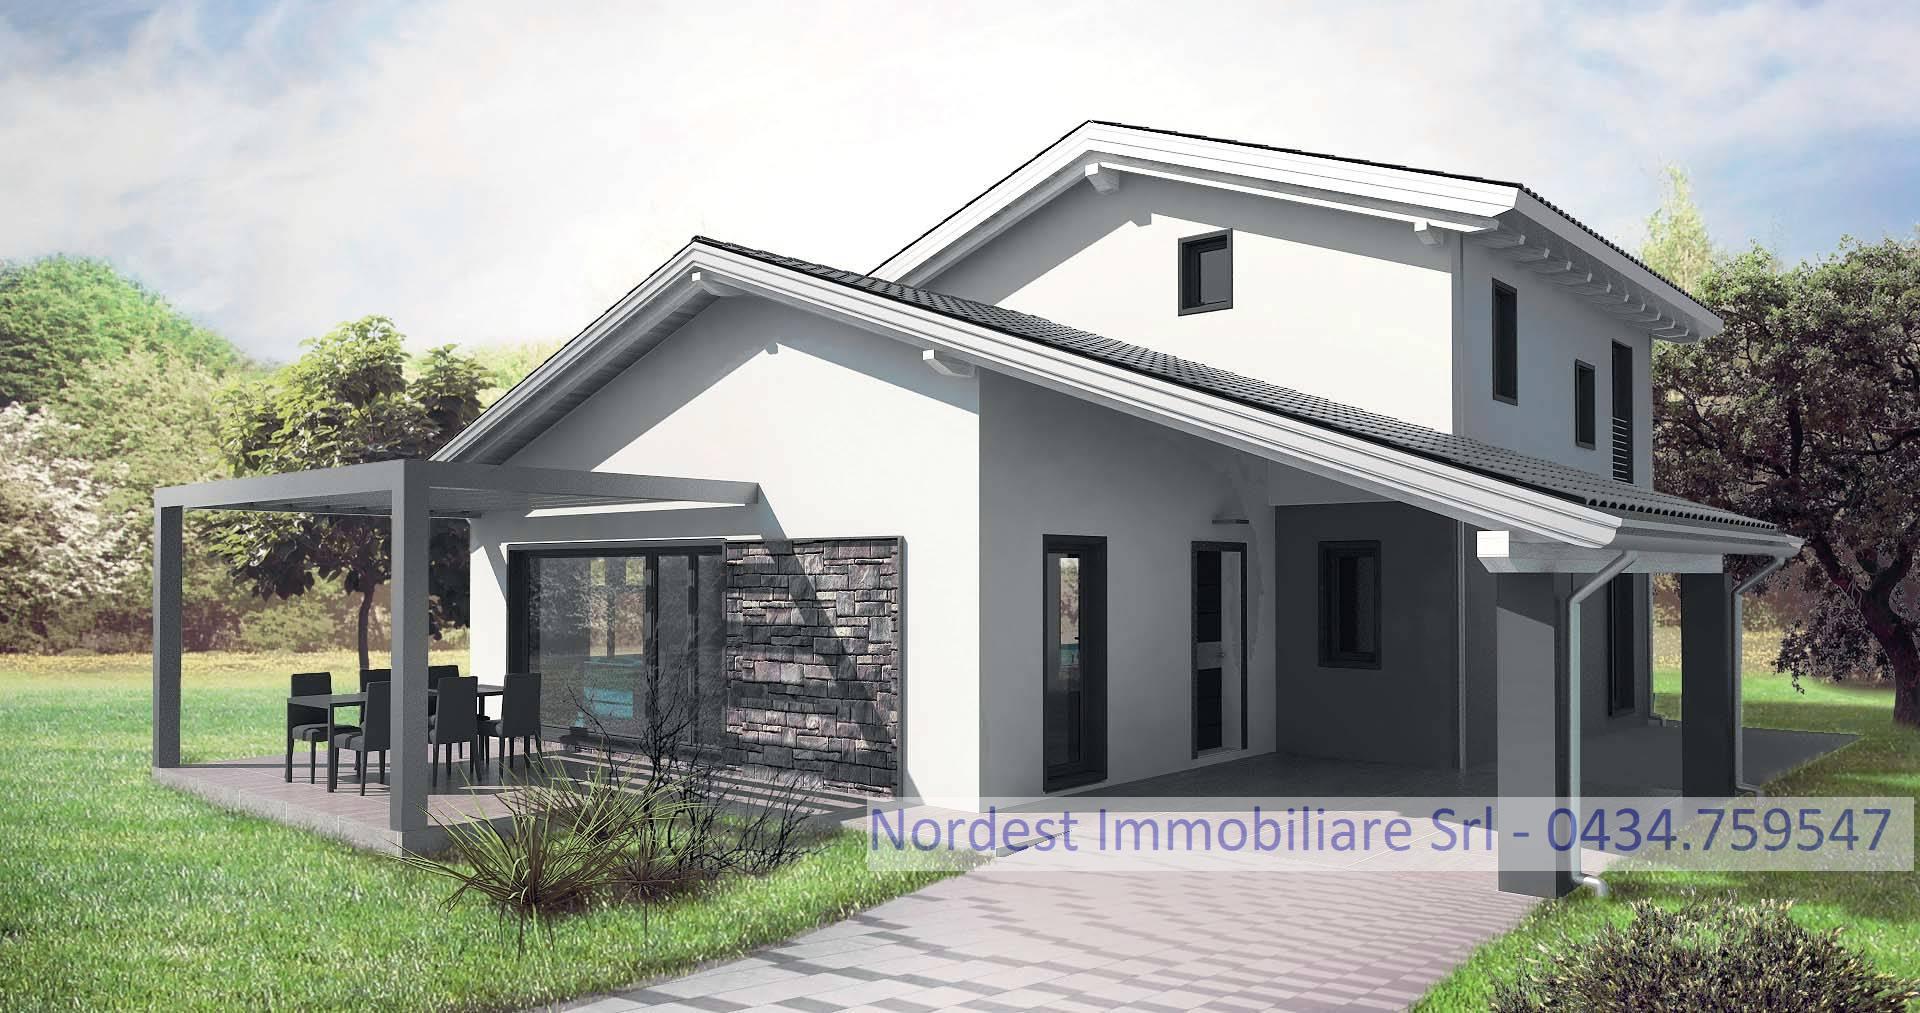 Soluzione Indipendente in vendita a Alano di Piave, 6 locali, prezzo € 160.000 | CambioCasa.it